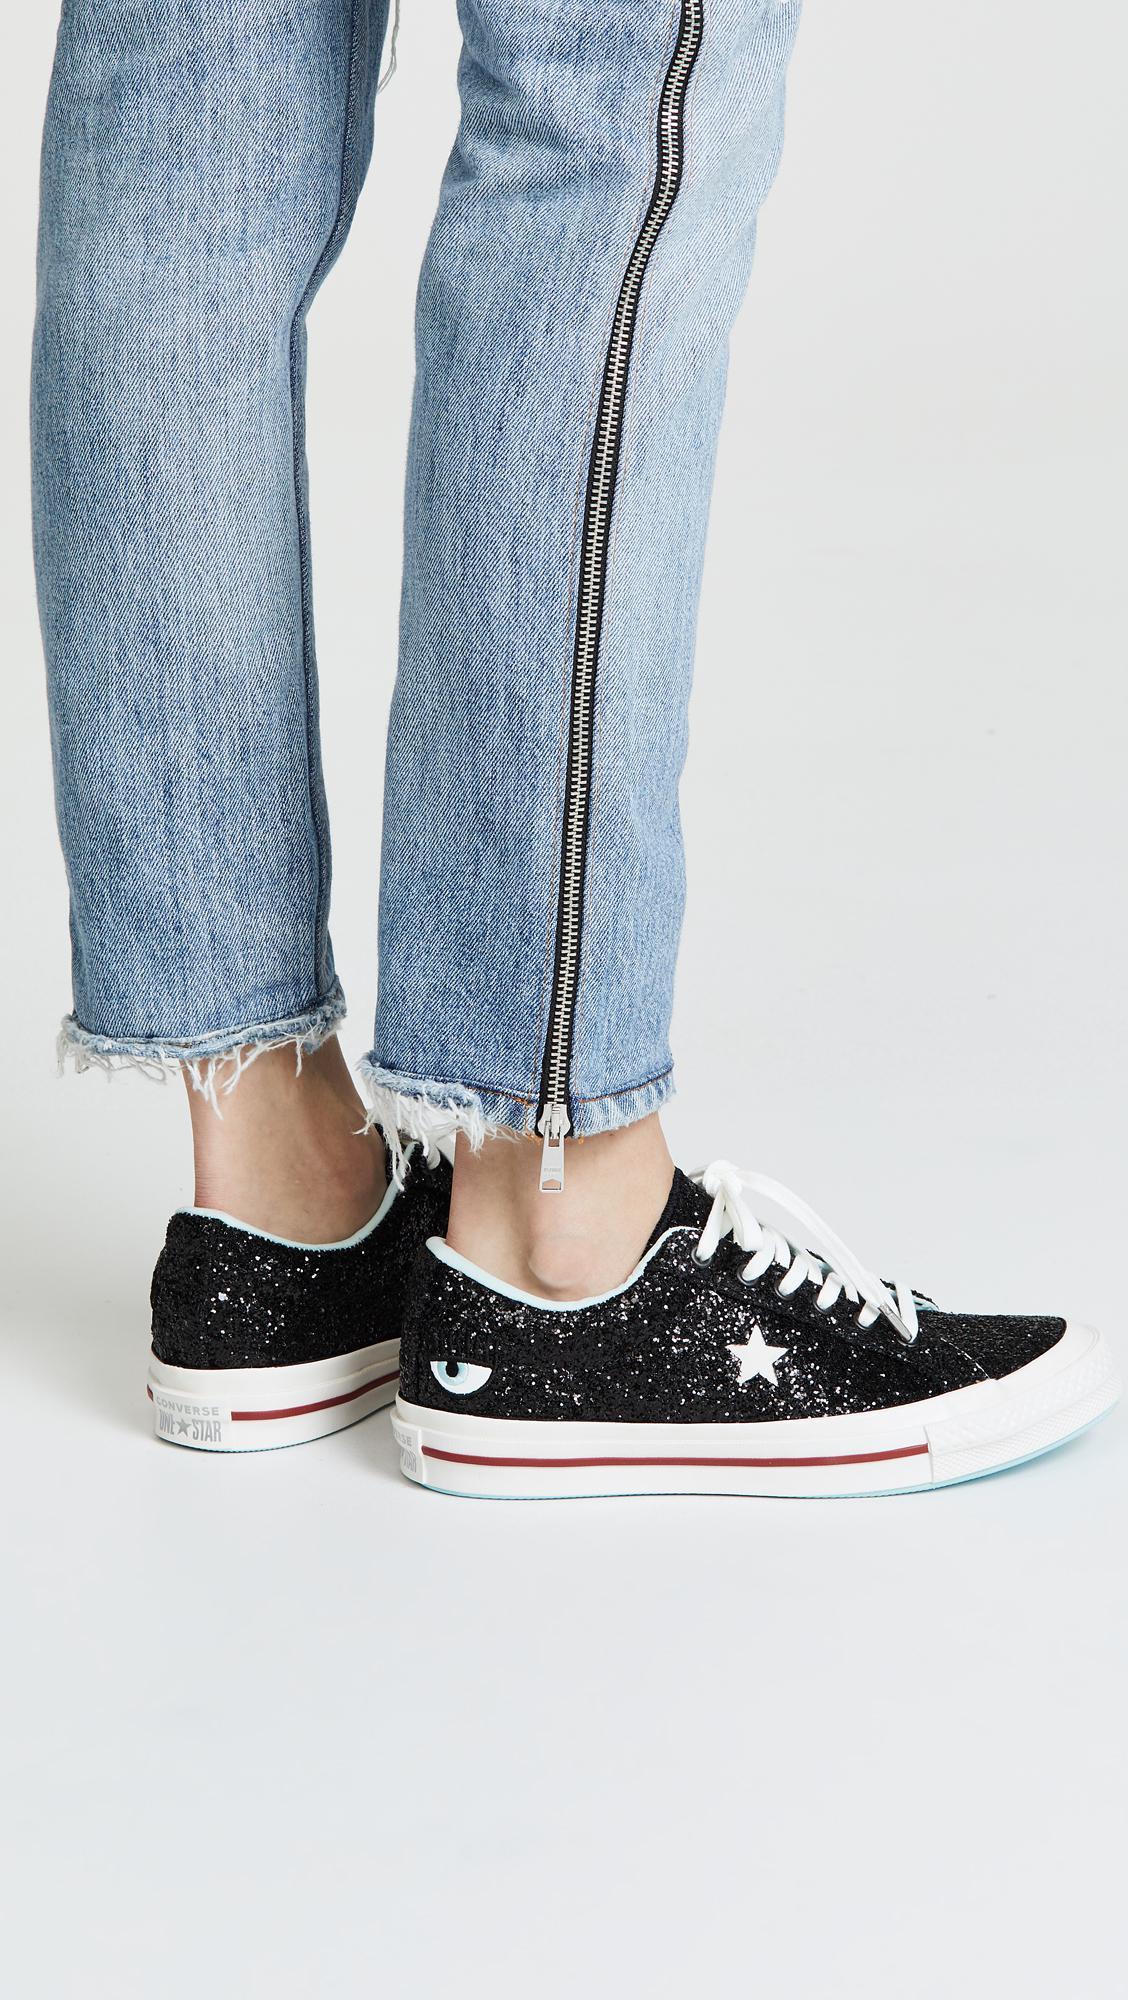 ffa64a7a9e5599 Lyst - Converse One Star X Chiara Ferragni Lace Up Sneakers in Black